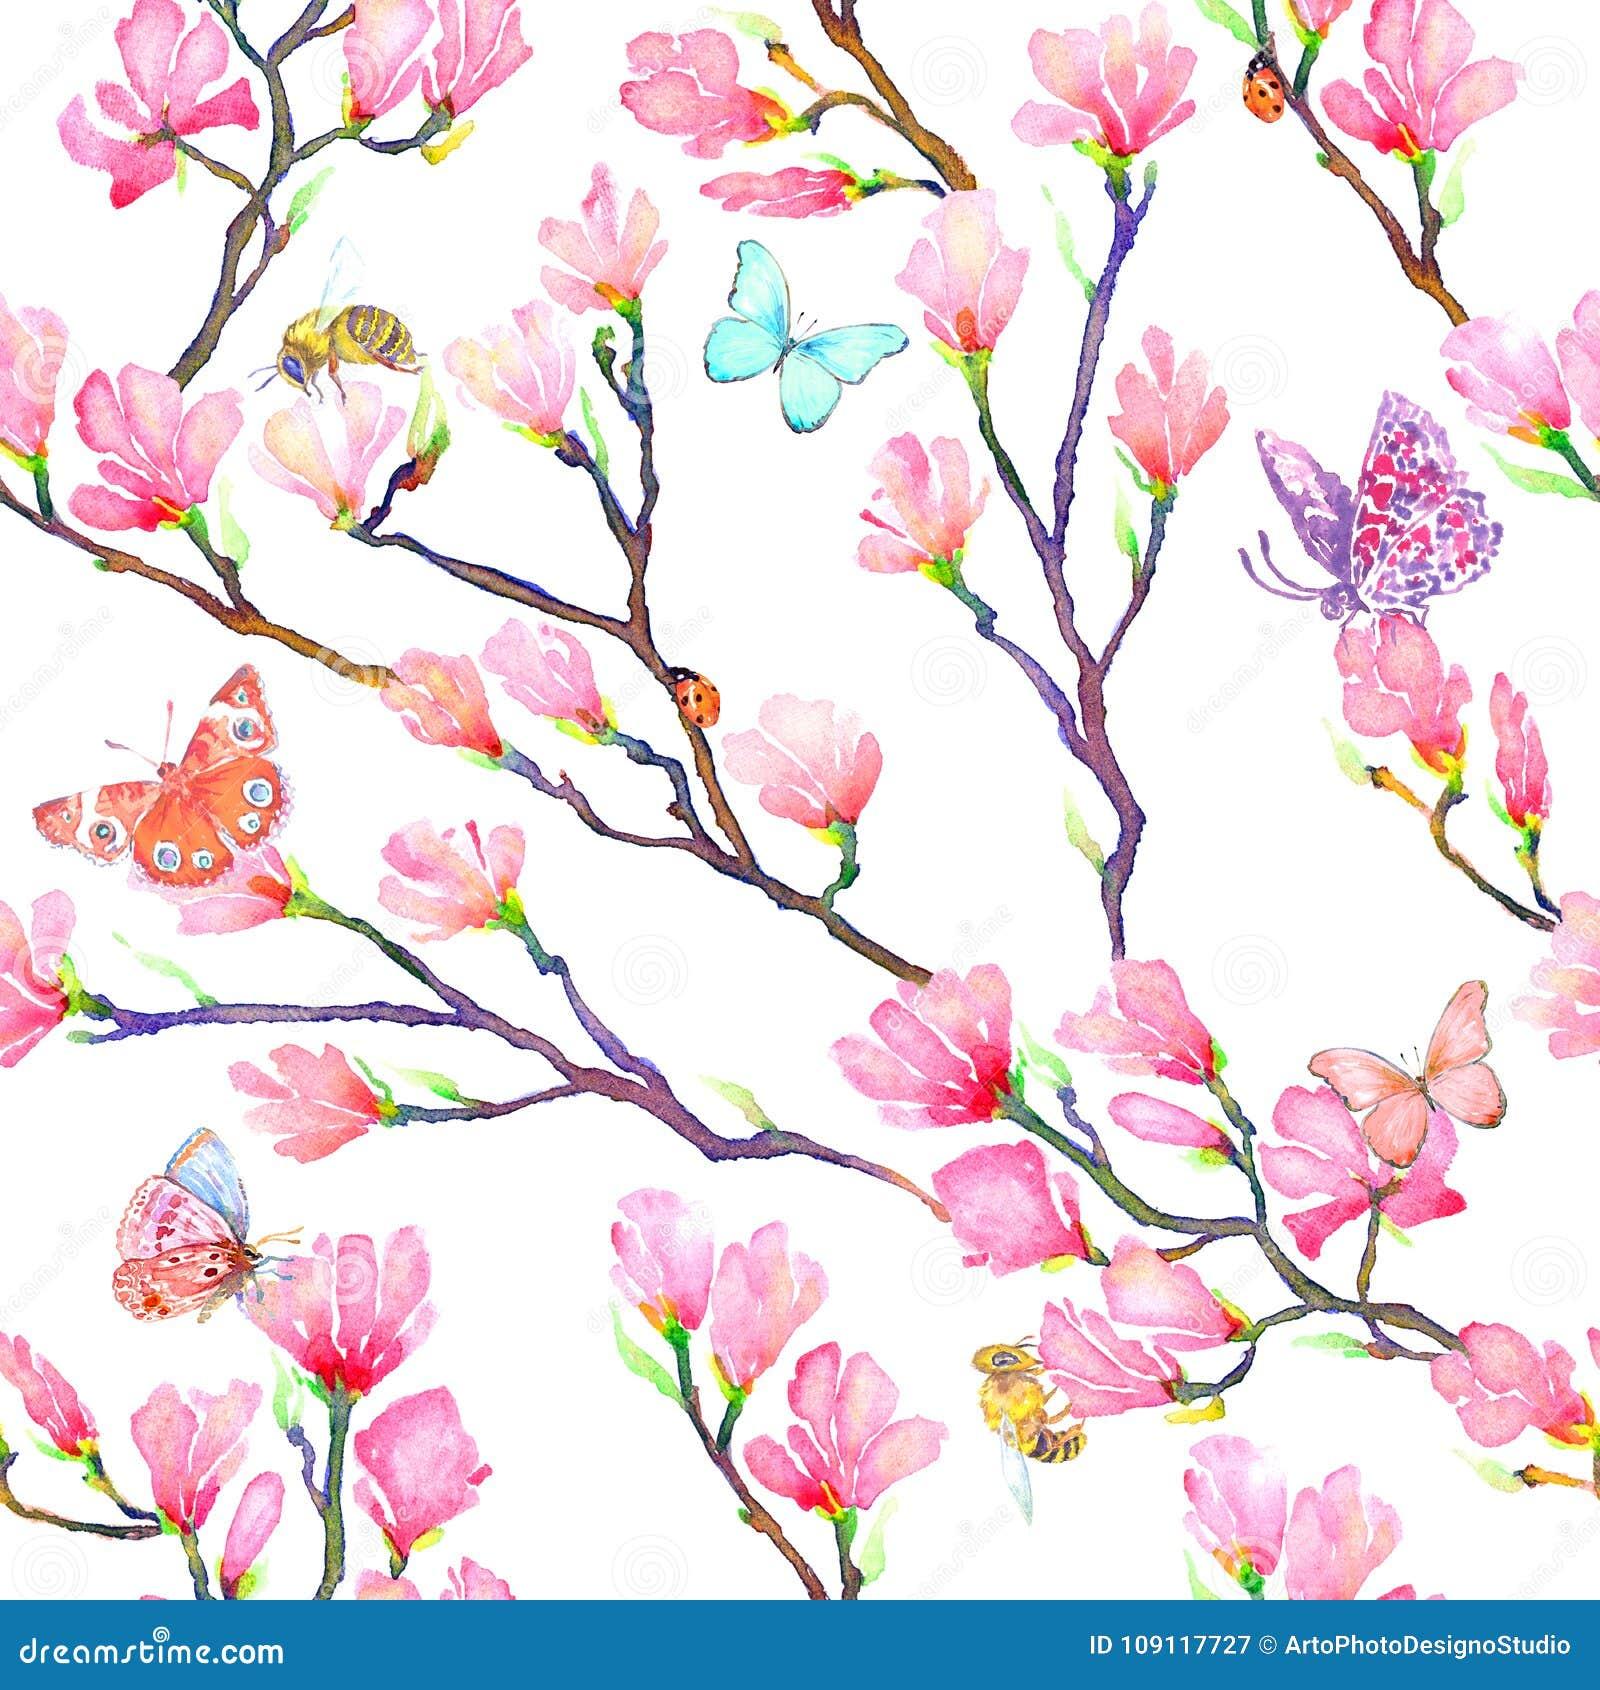 桃红色木兰分支与蝴蝶、臭虫、瓢虫和蜂